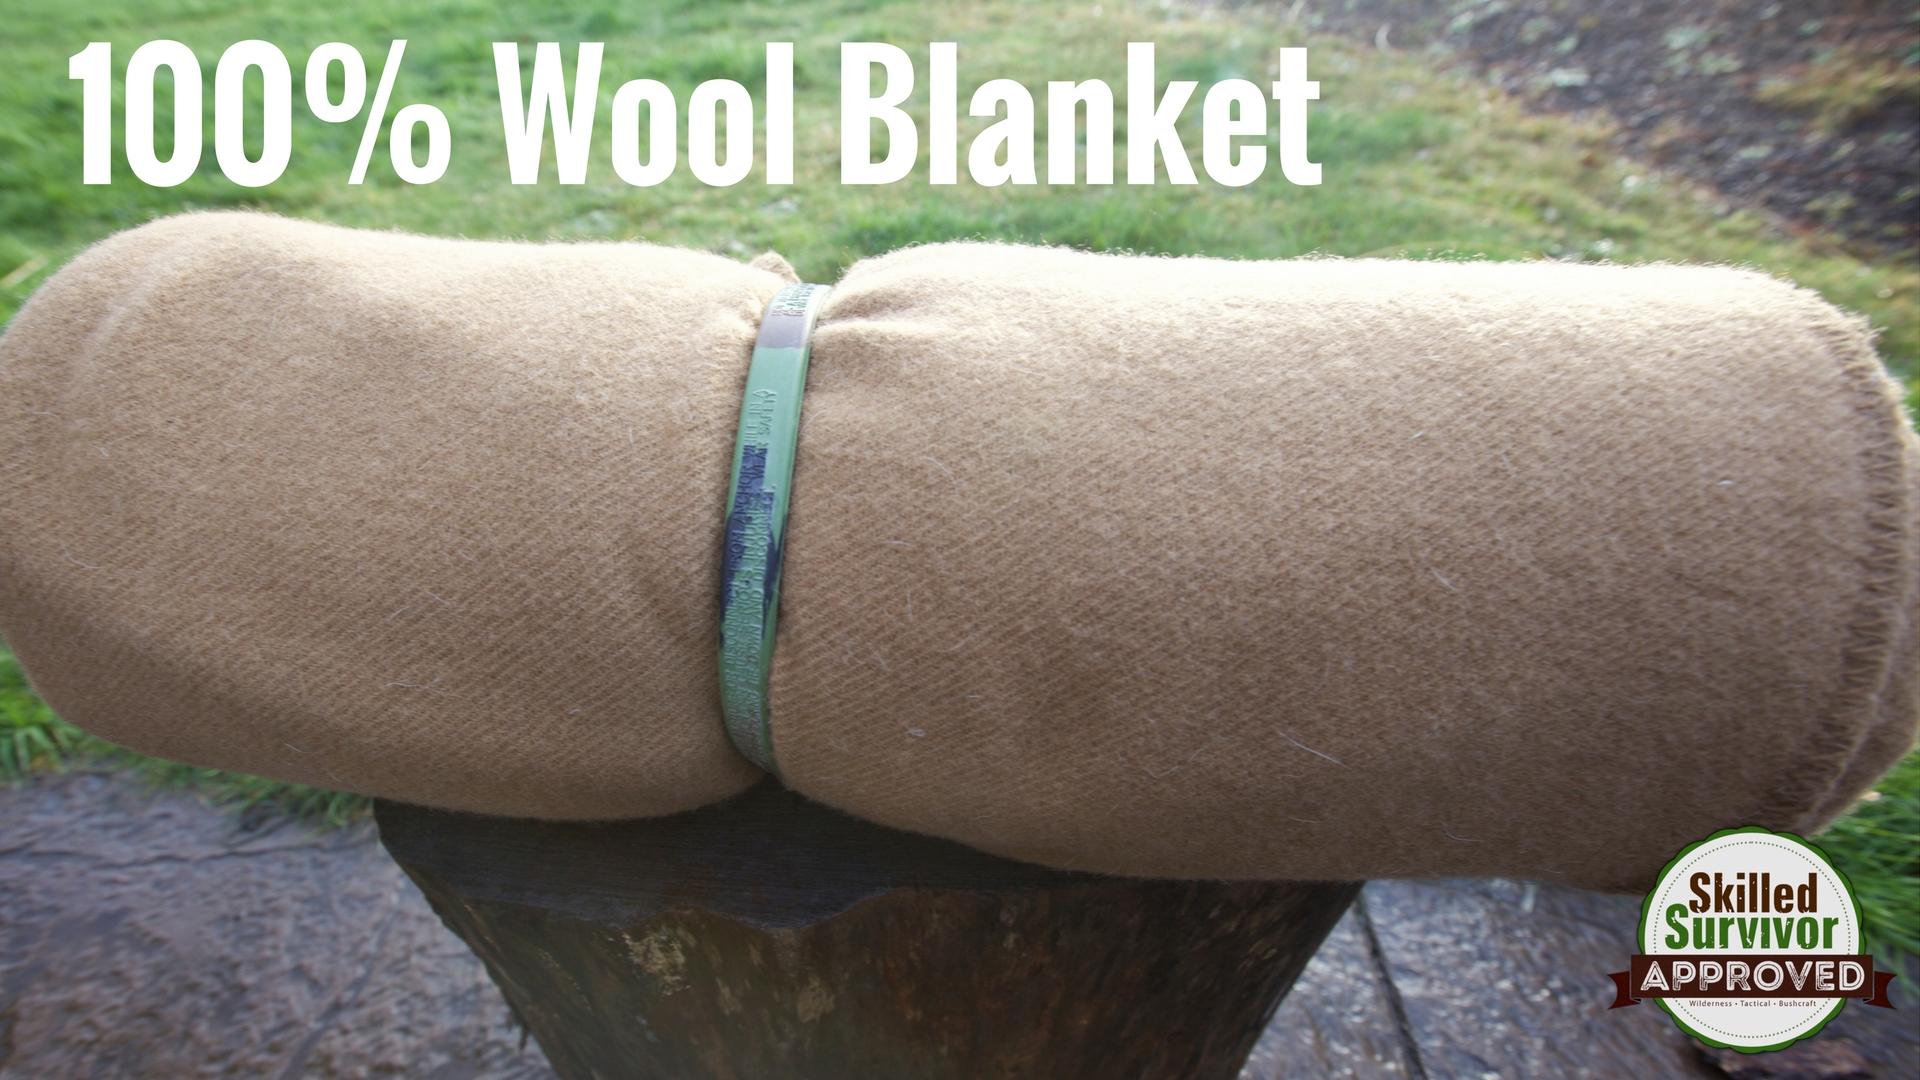 100-percent-wool-blanket-pathfinder-schooljpg